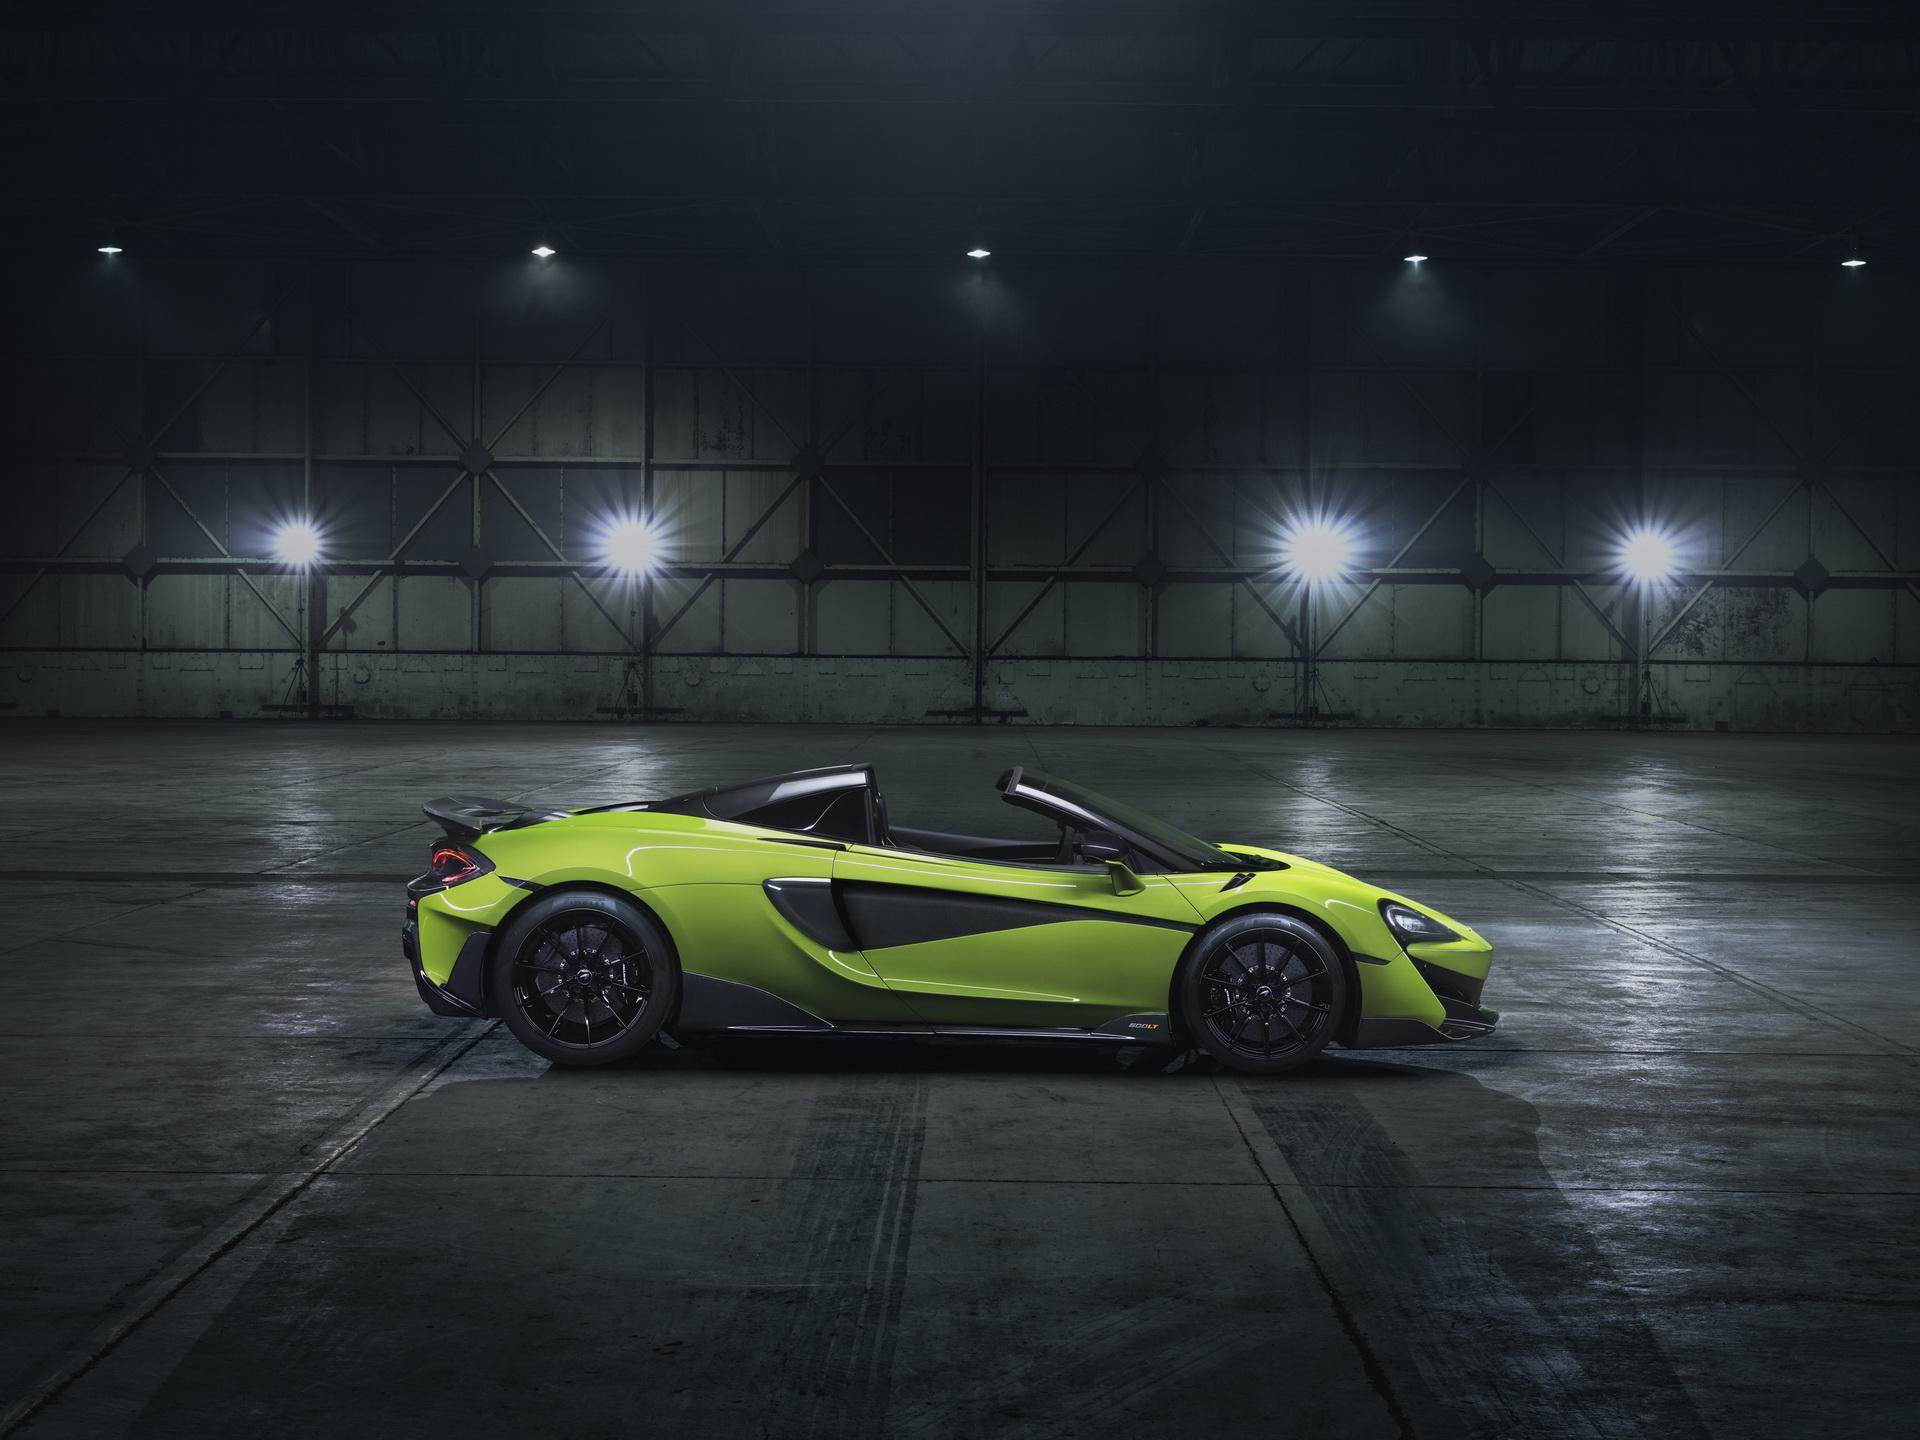 mclaren-600lt9ddfd5f9-mclaren-600lt-spider-unveiled-3.jpg